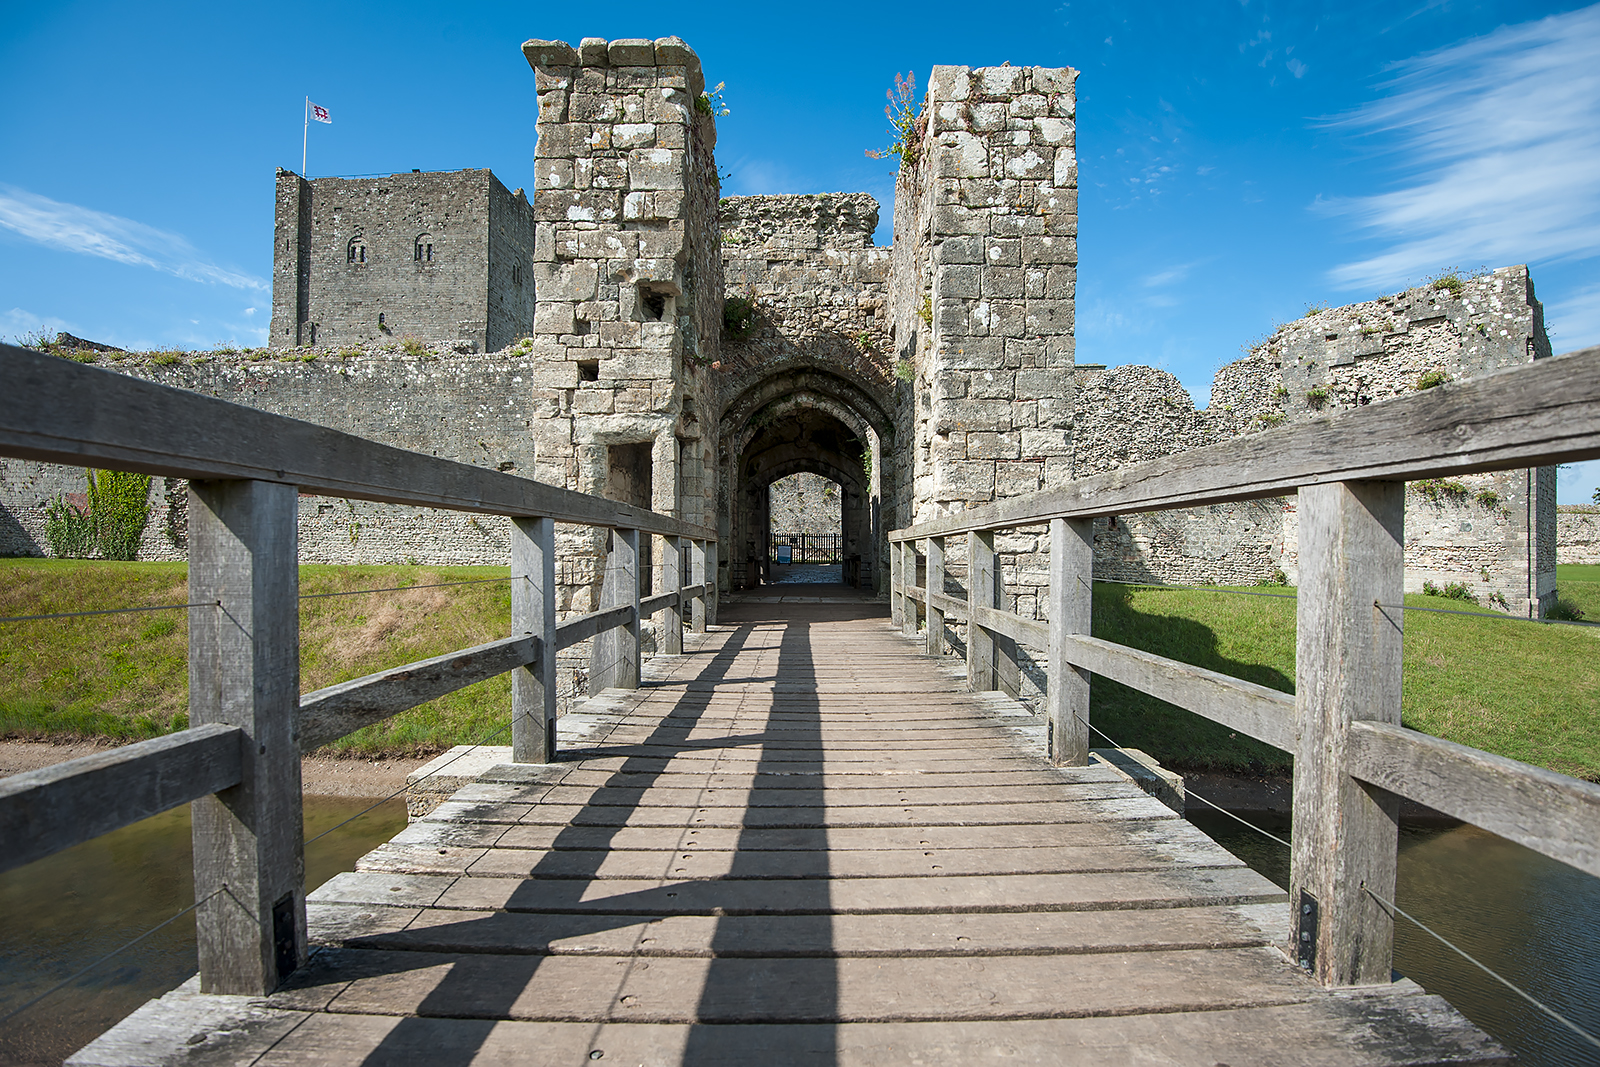 Anglie-Portchester-Portchester_Castle_3.jpg